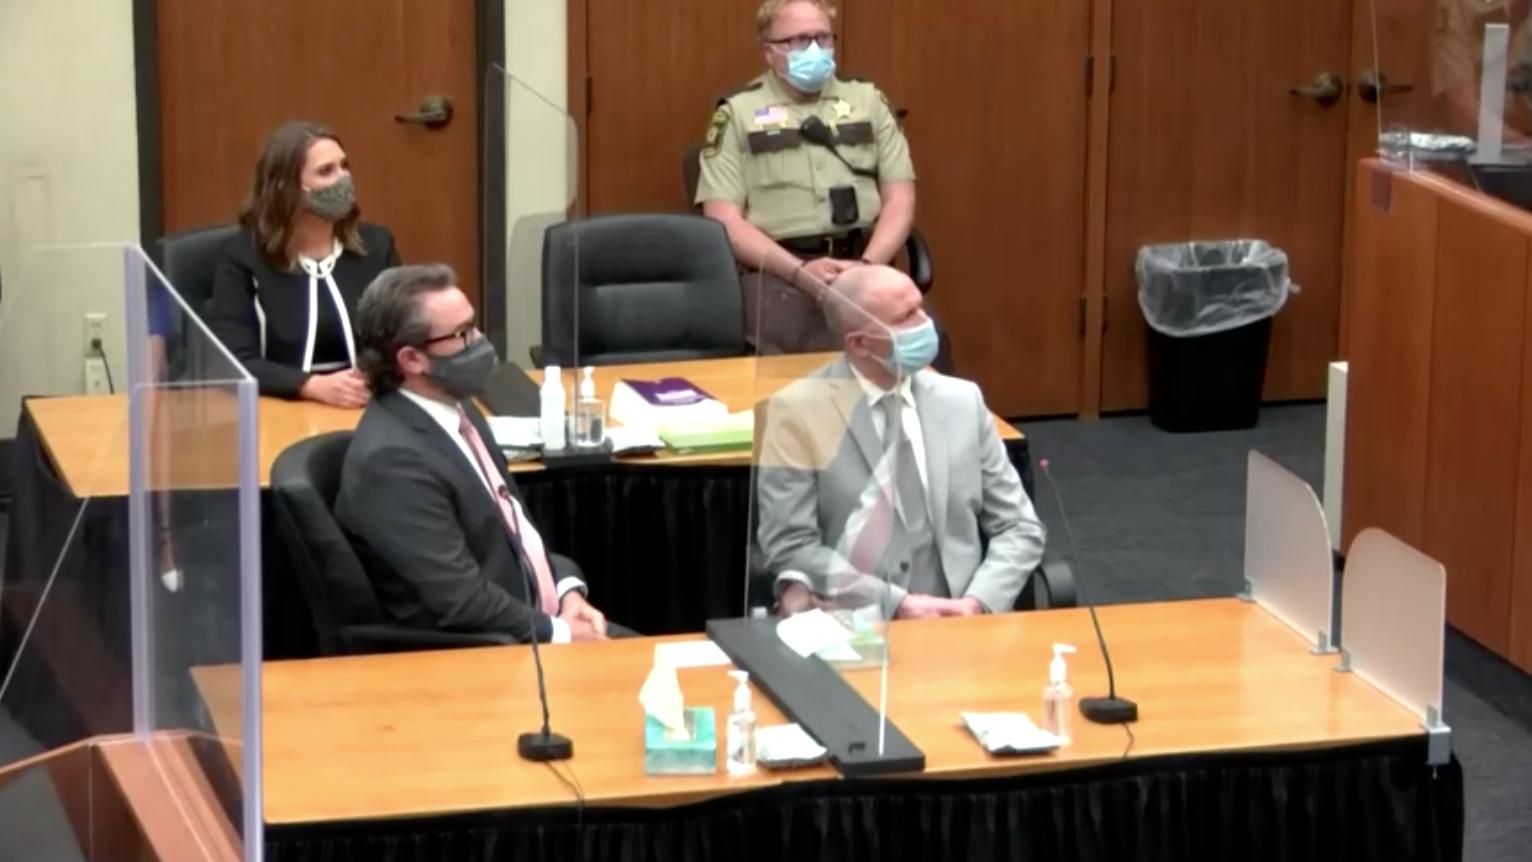 Cựu cảnh sát Derek Chauvin bị tuyên án 22.5 năm tù vì gây ra cái chết của ông George Floyd